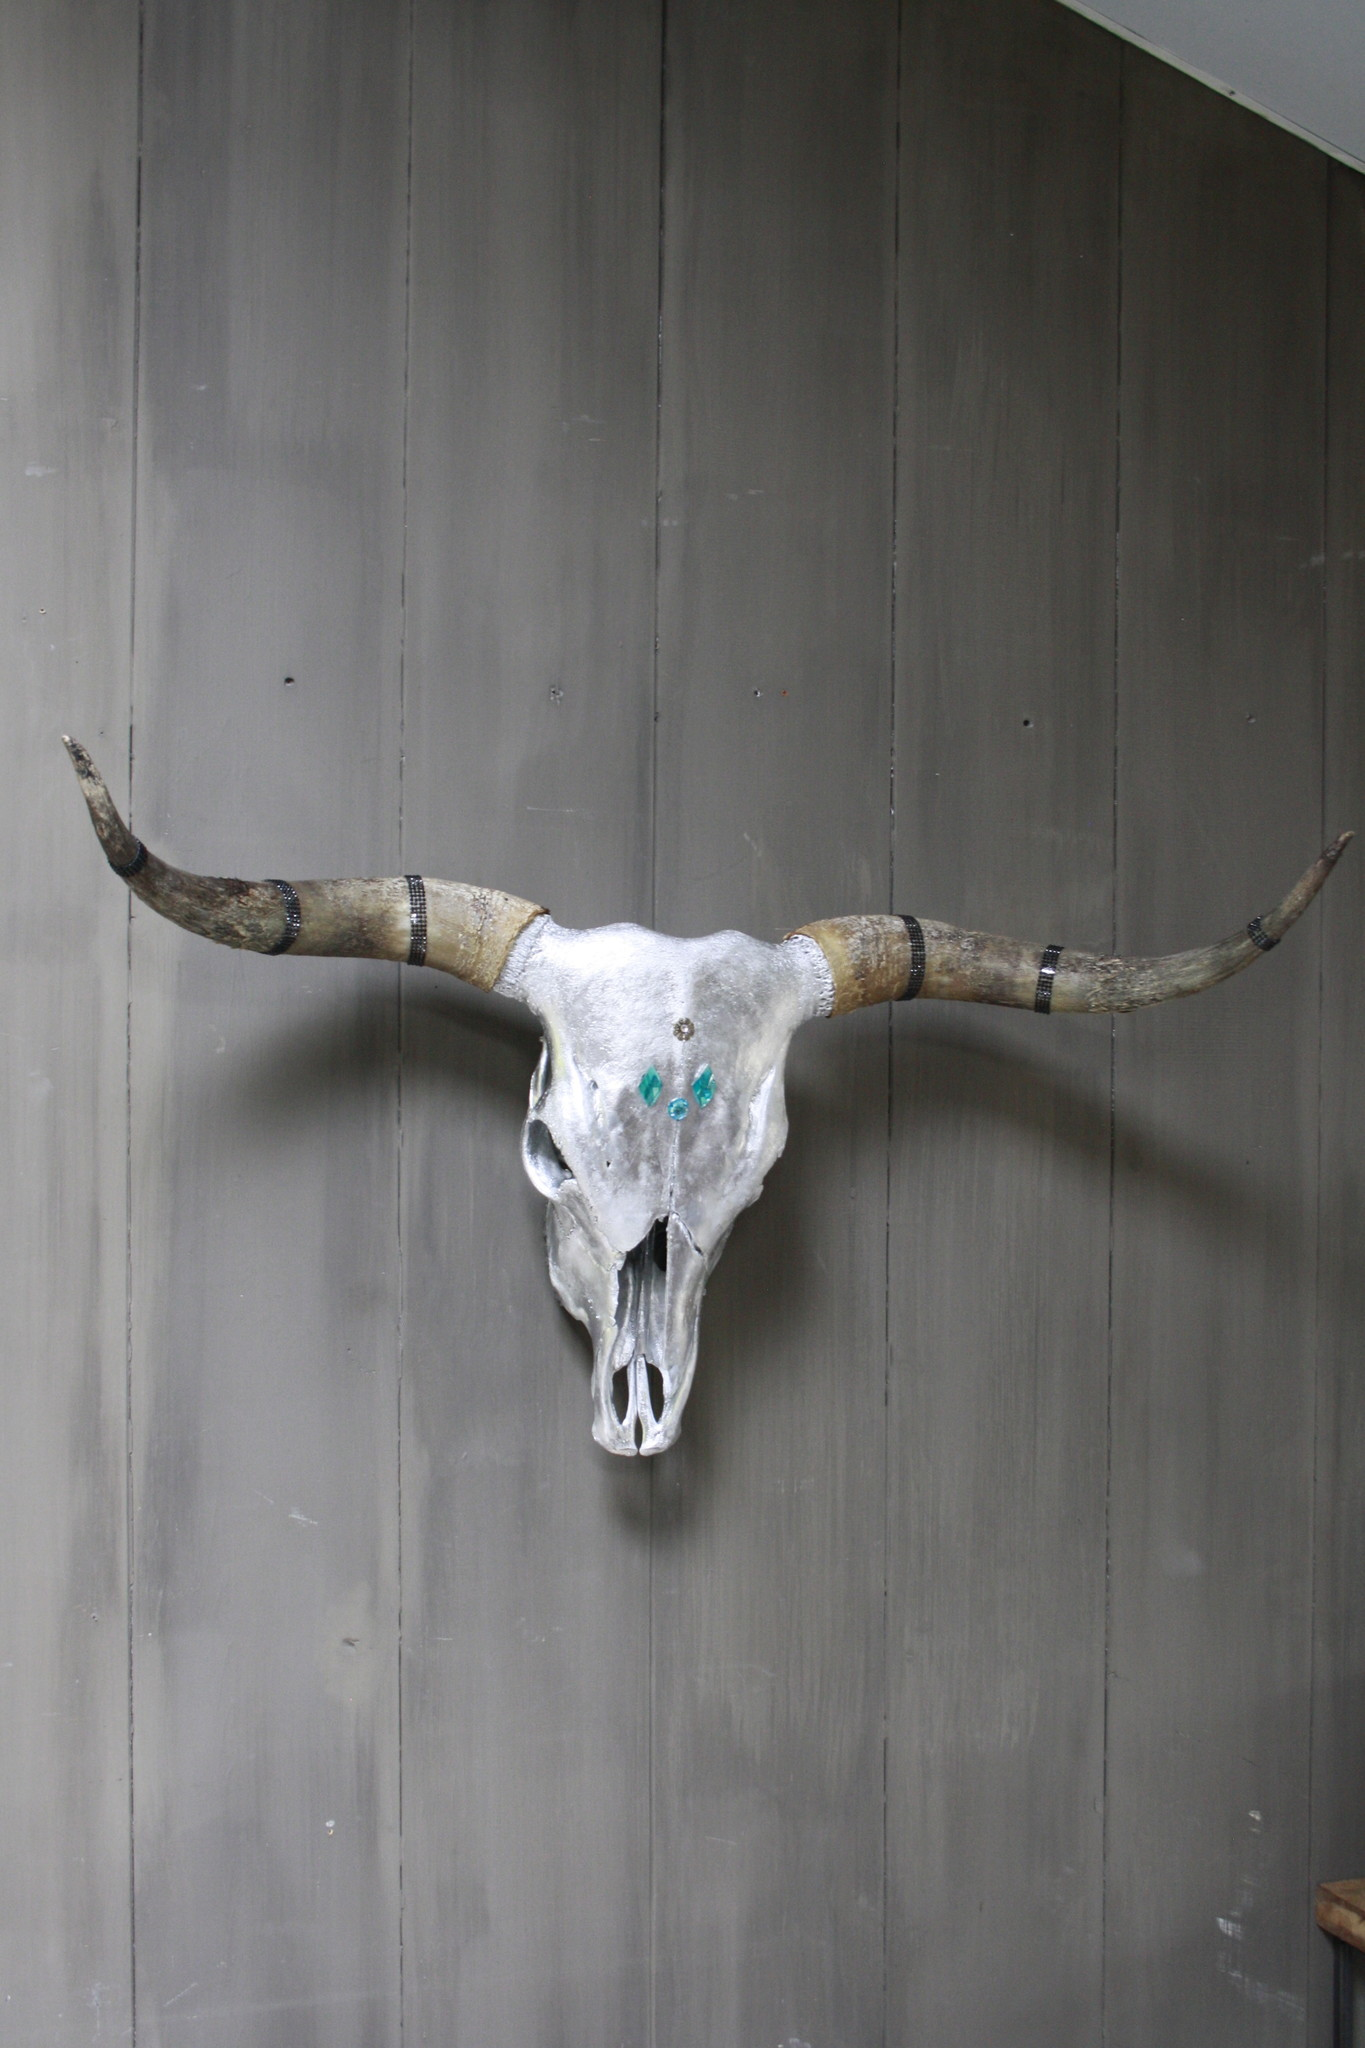 Longhorn Schedel Zilver Met Hoorns 100 x 43 cm - Copy-2